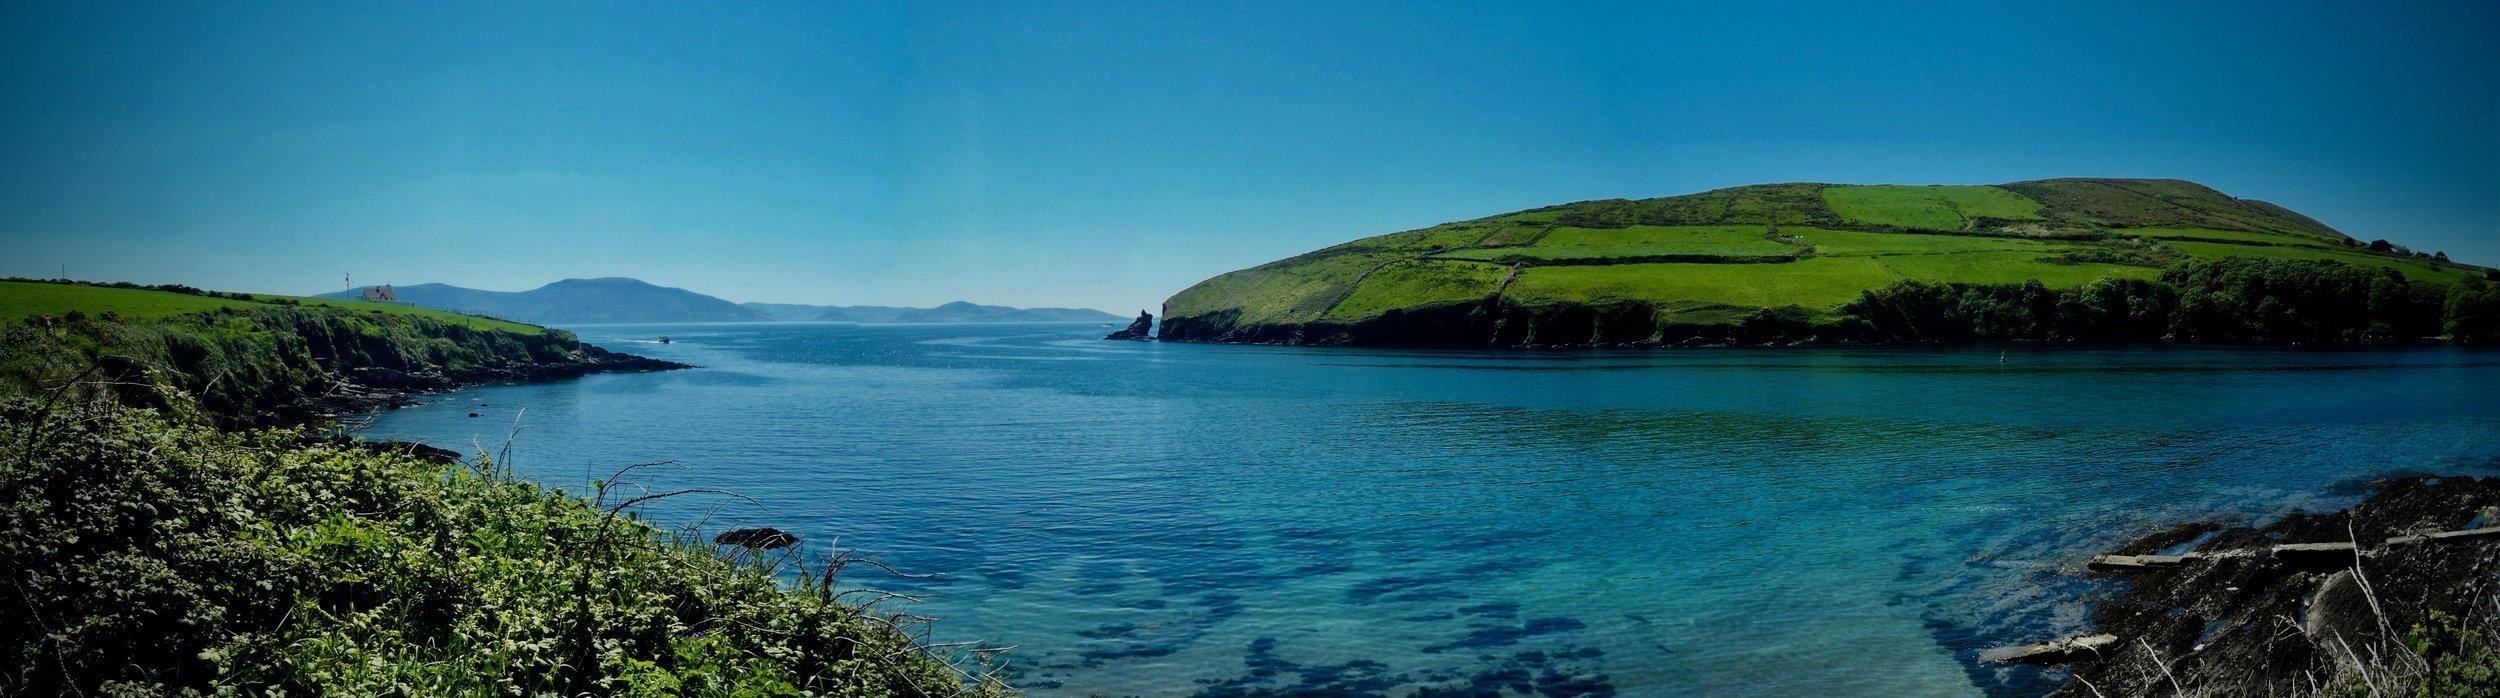 Dingle Peninsula ~ County Kerry, Ireland